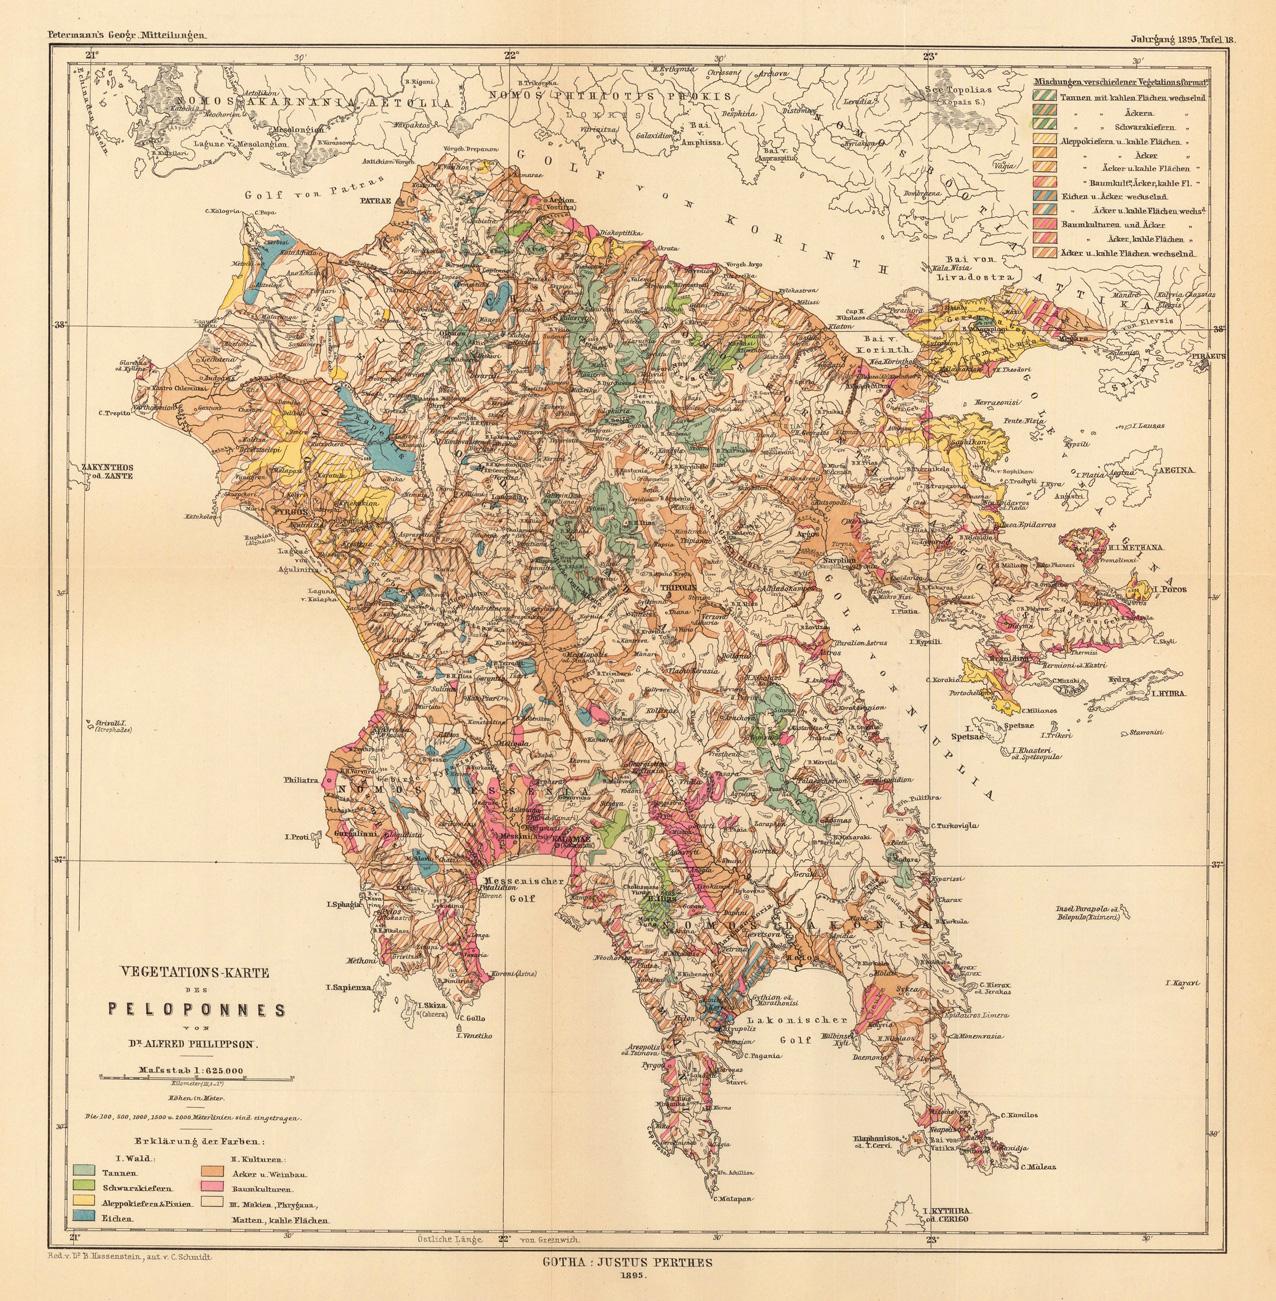 Vegetations-Karte des Peloponnes von Dr. Alfred Philippson_1895